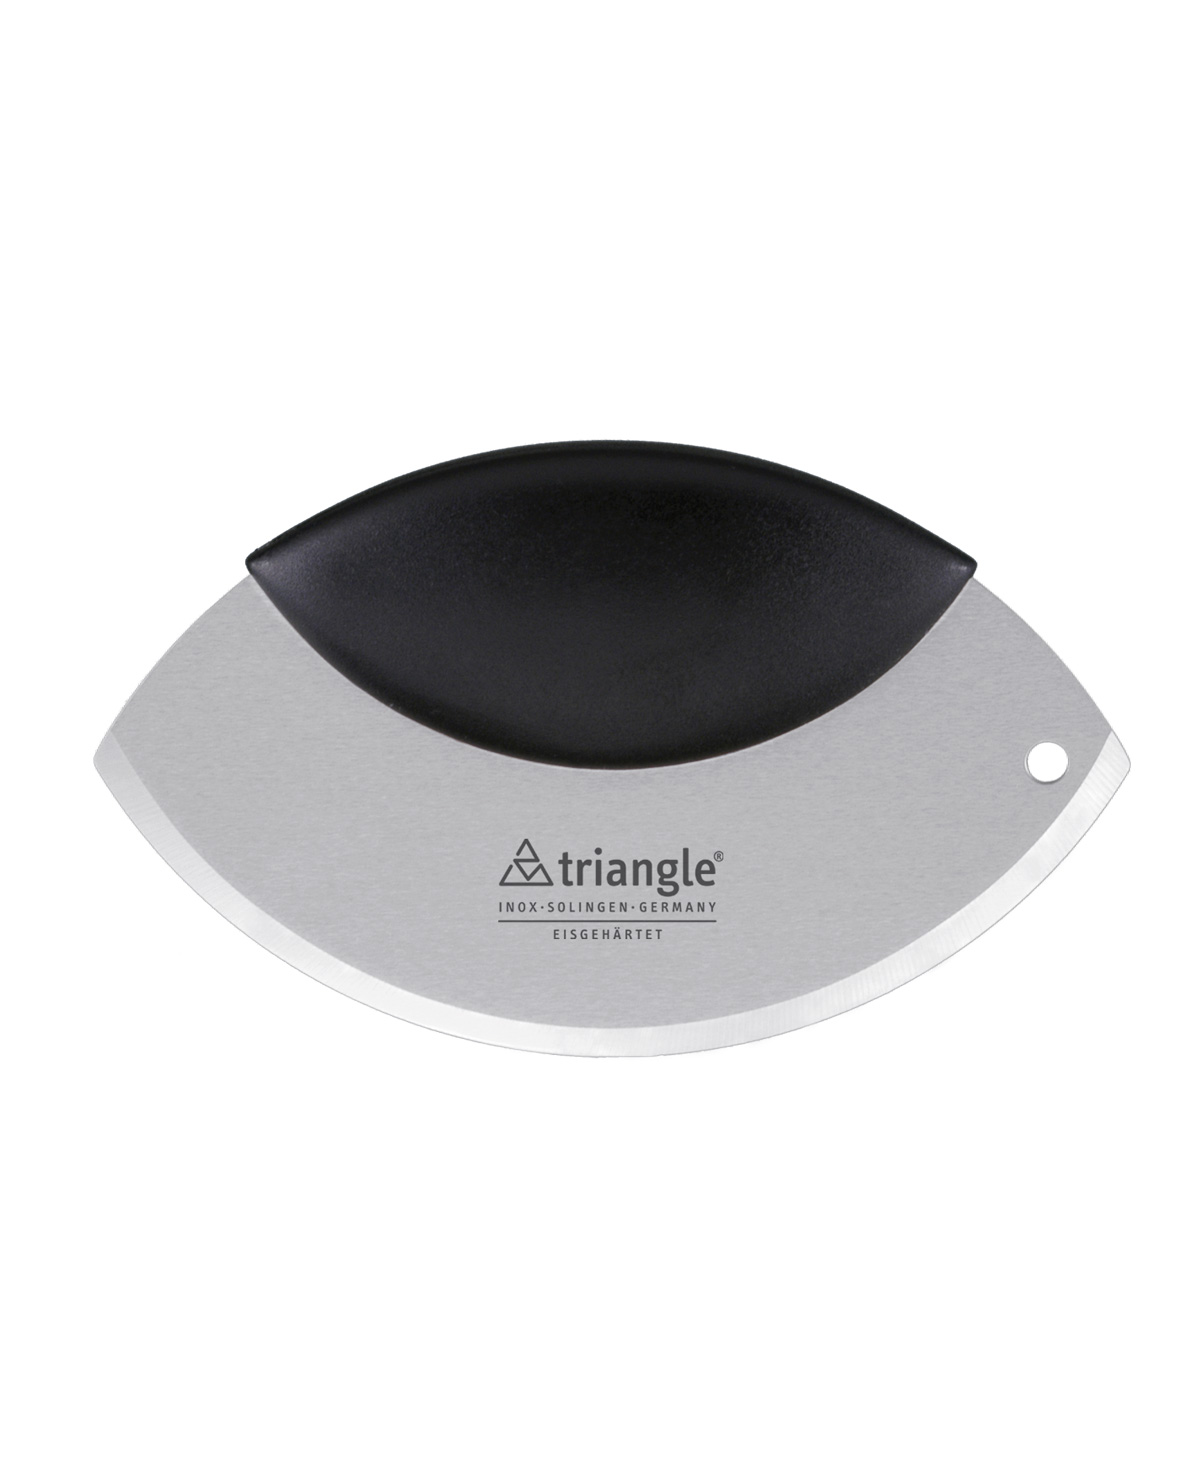 triangle Einhandwiegemesser Wiegemesser Kräutermesser für eine Hand mit einer Hand